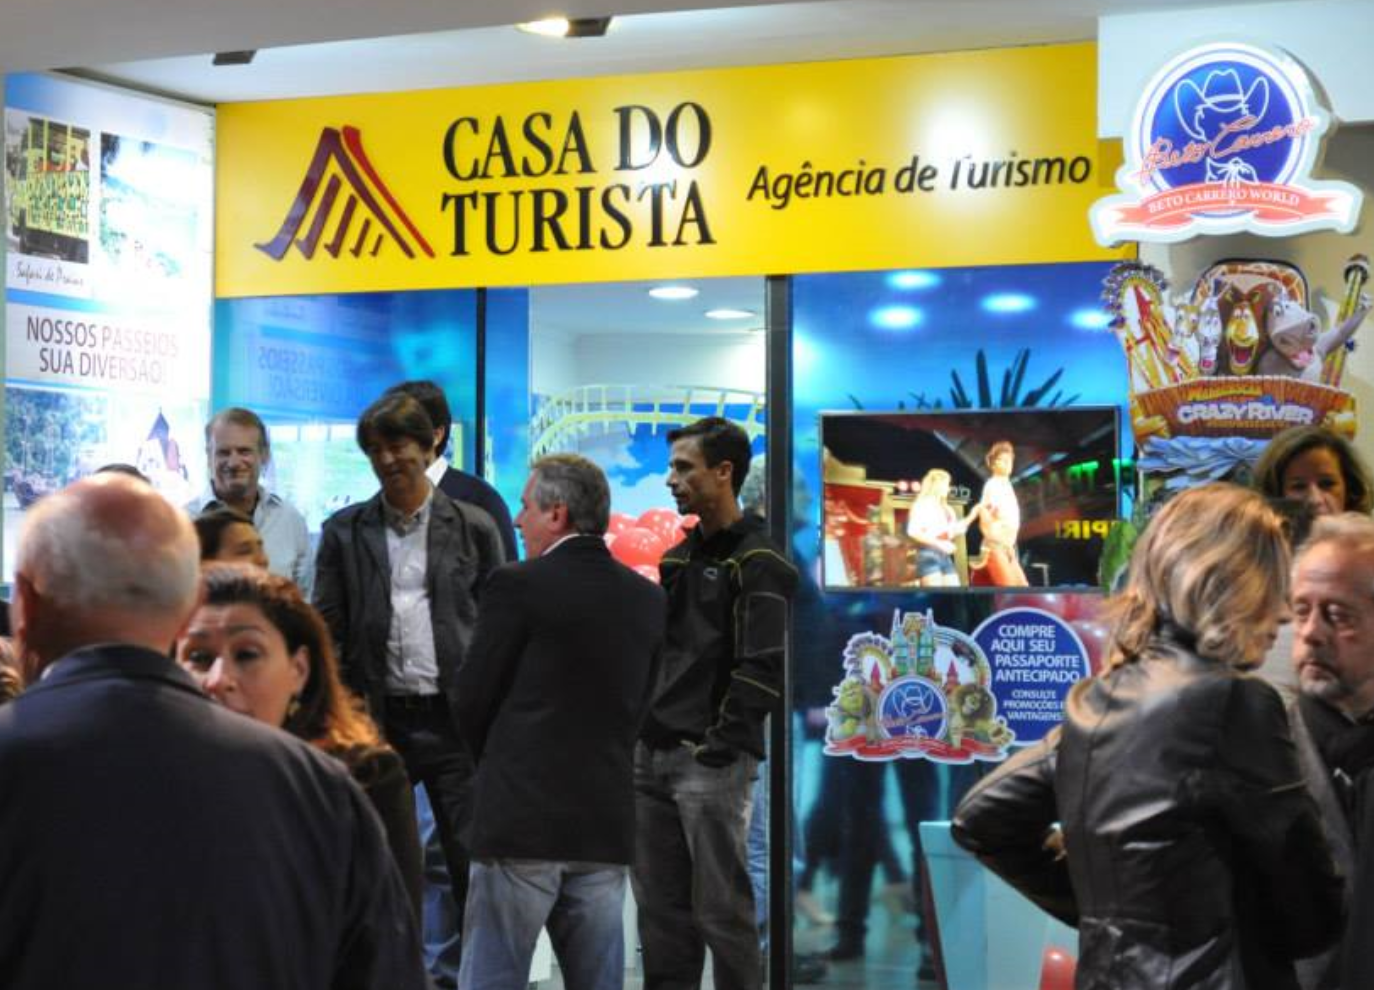 Agência de Turismo em Balneário Camboriú - Casa do Turista - Balneário Camboriú